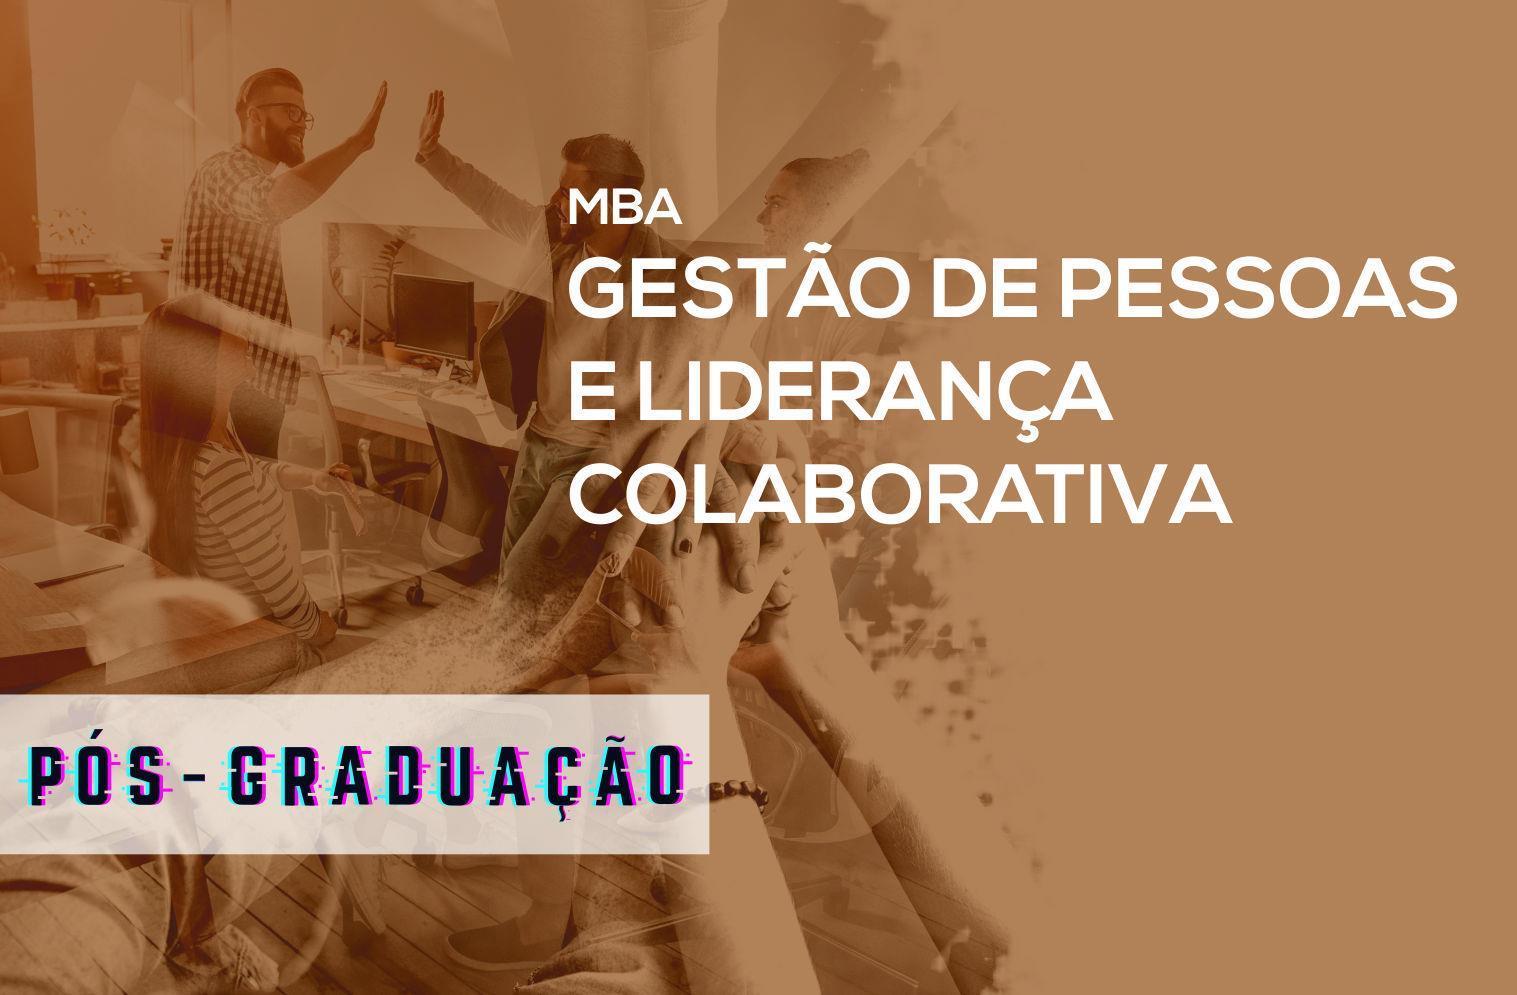 MBA em Gestão de Pessoas e Liderança Colaborativa - 3ª edição